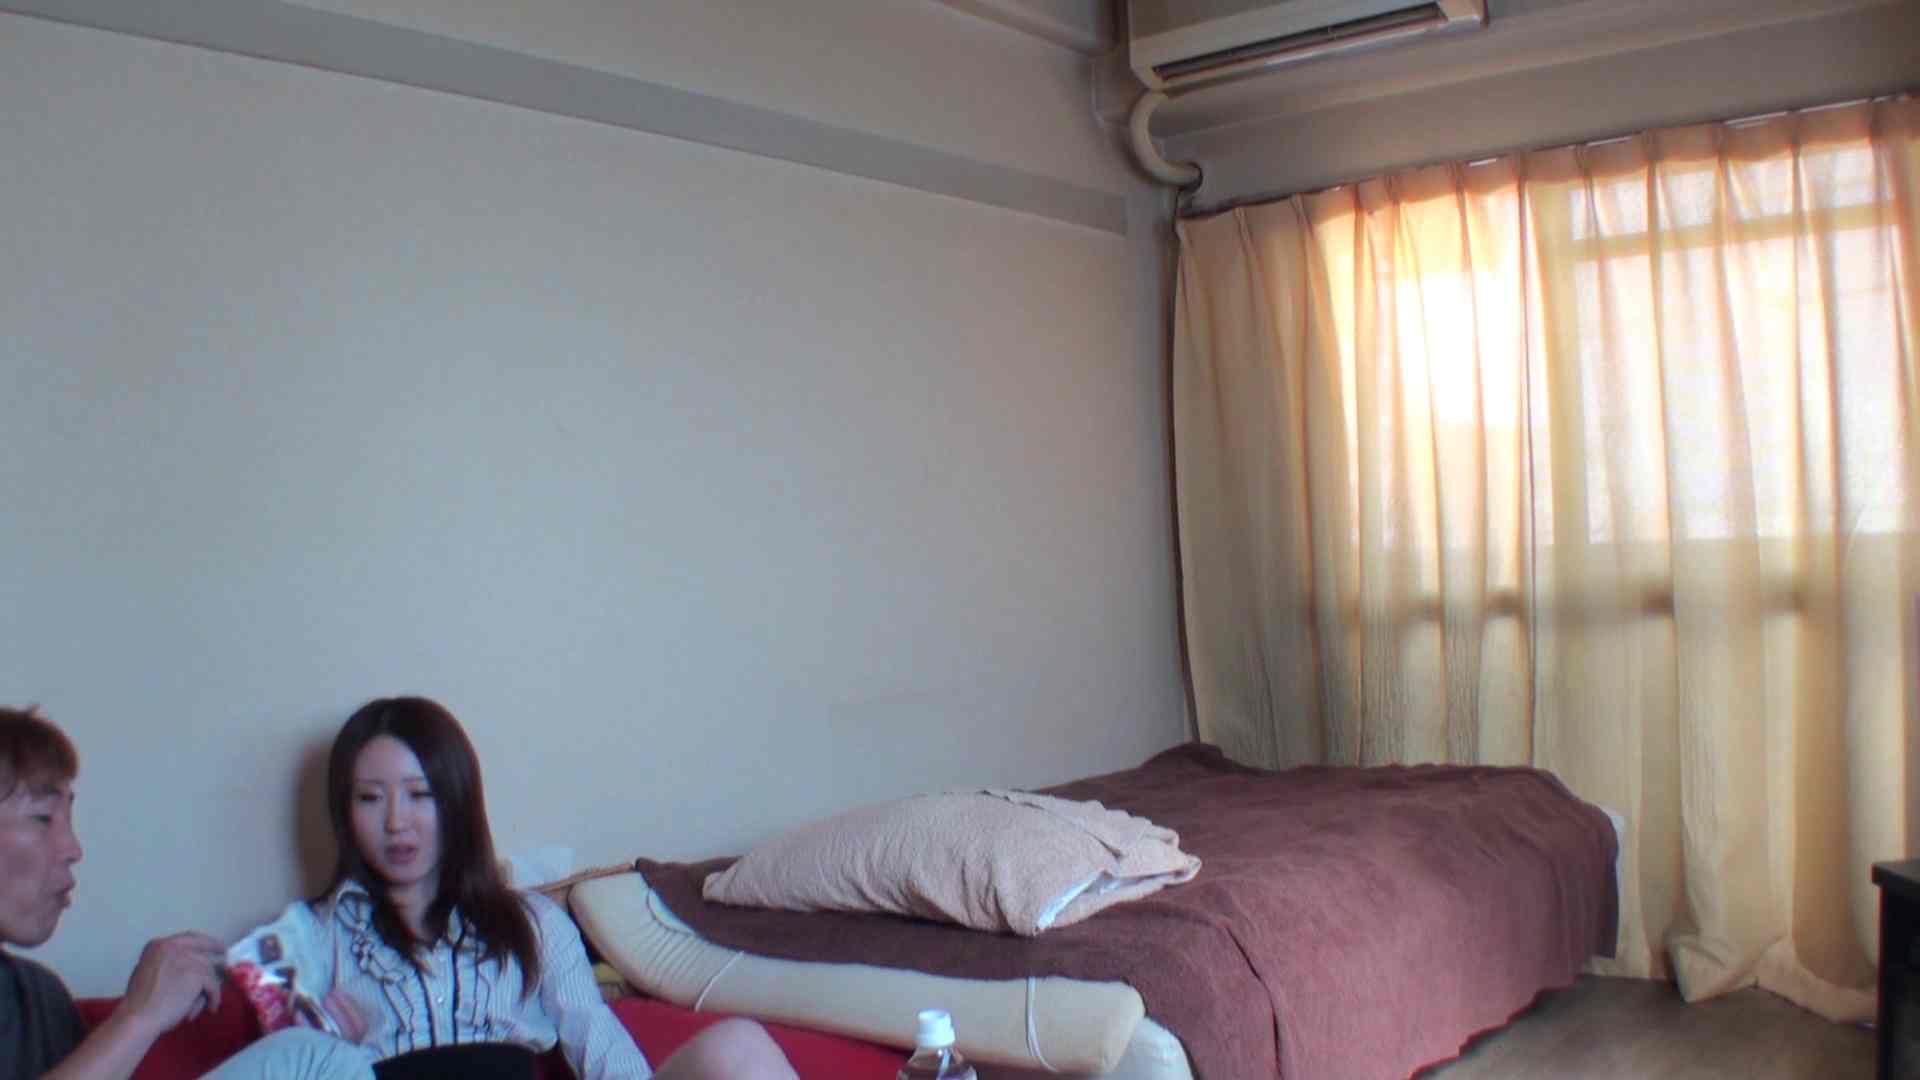 隠撮店の女の子をつまみ喰い~yukivol.4 隠撮 | OL裸体  107画像 16